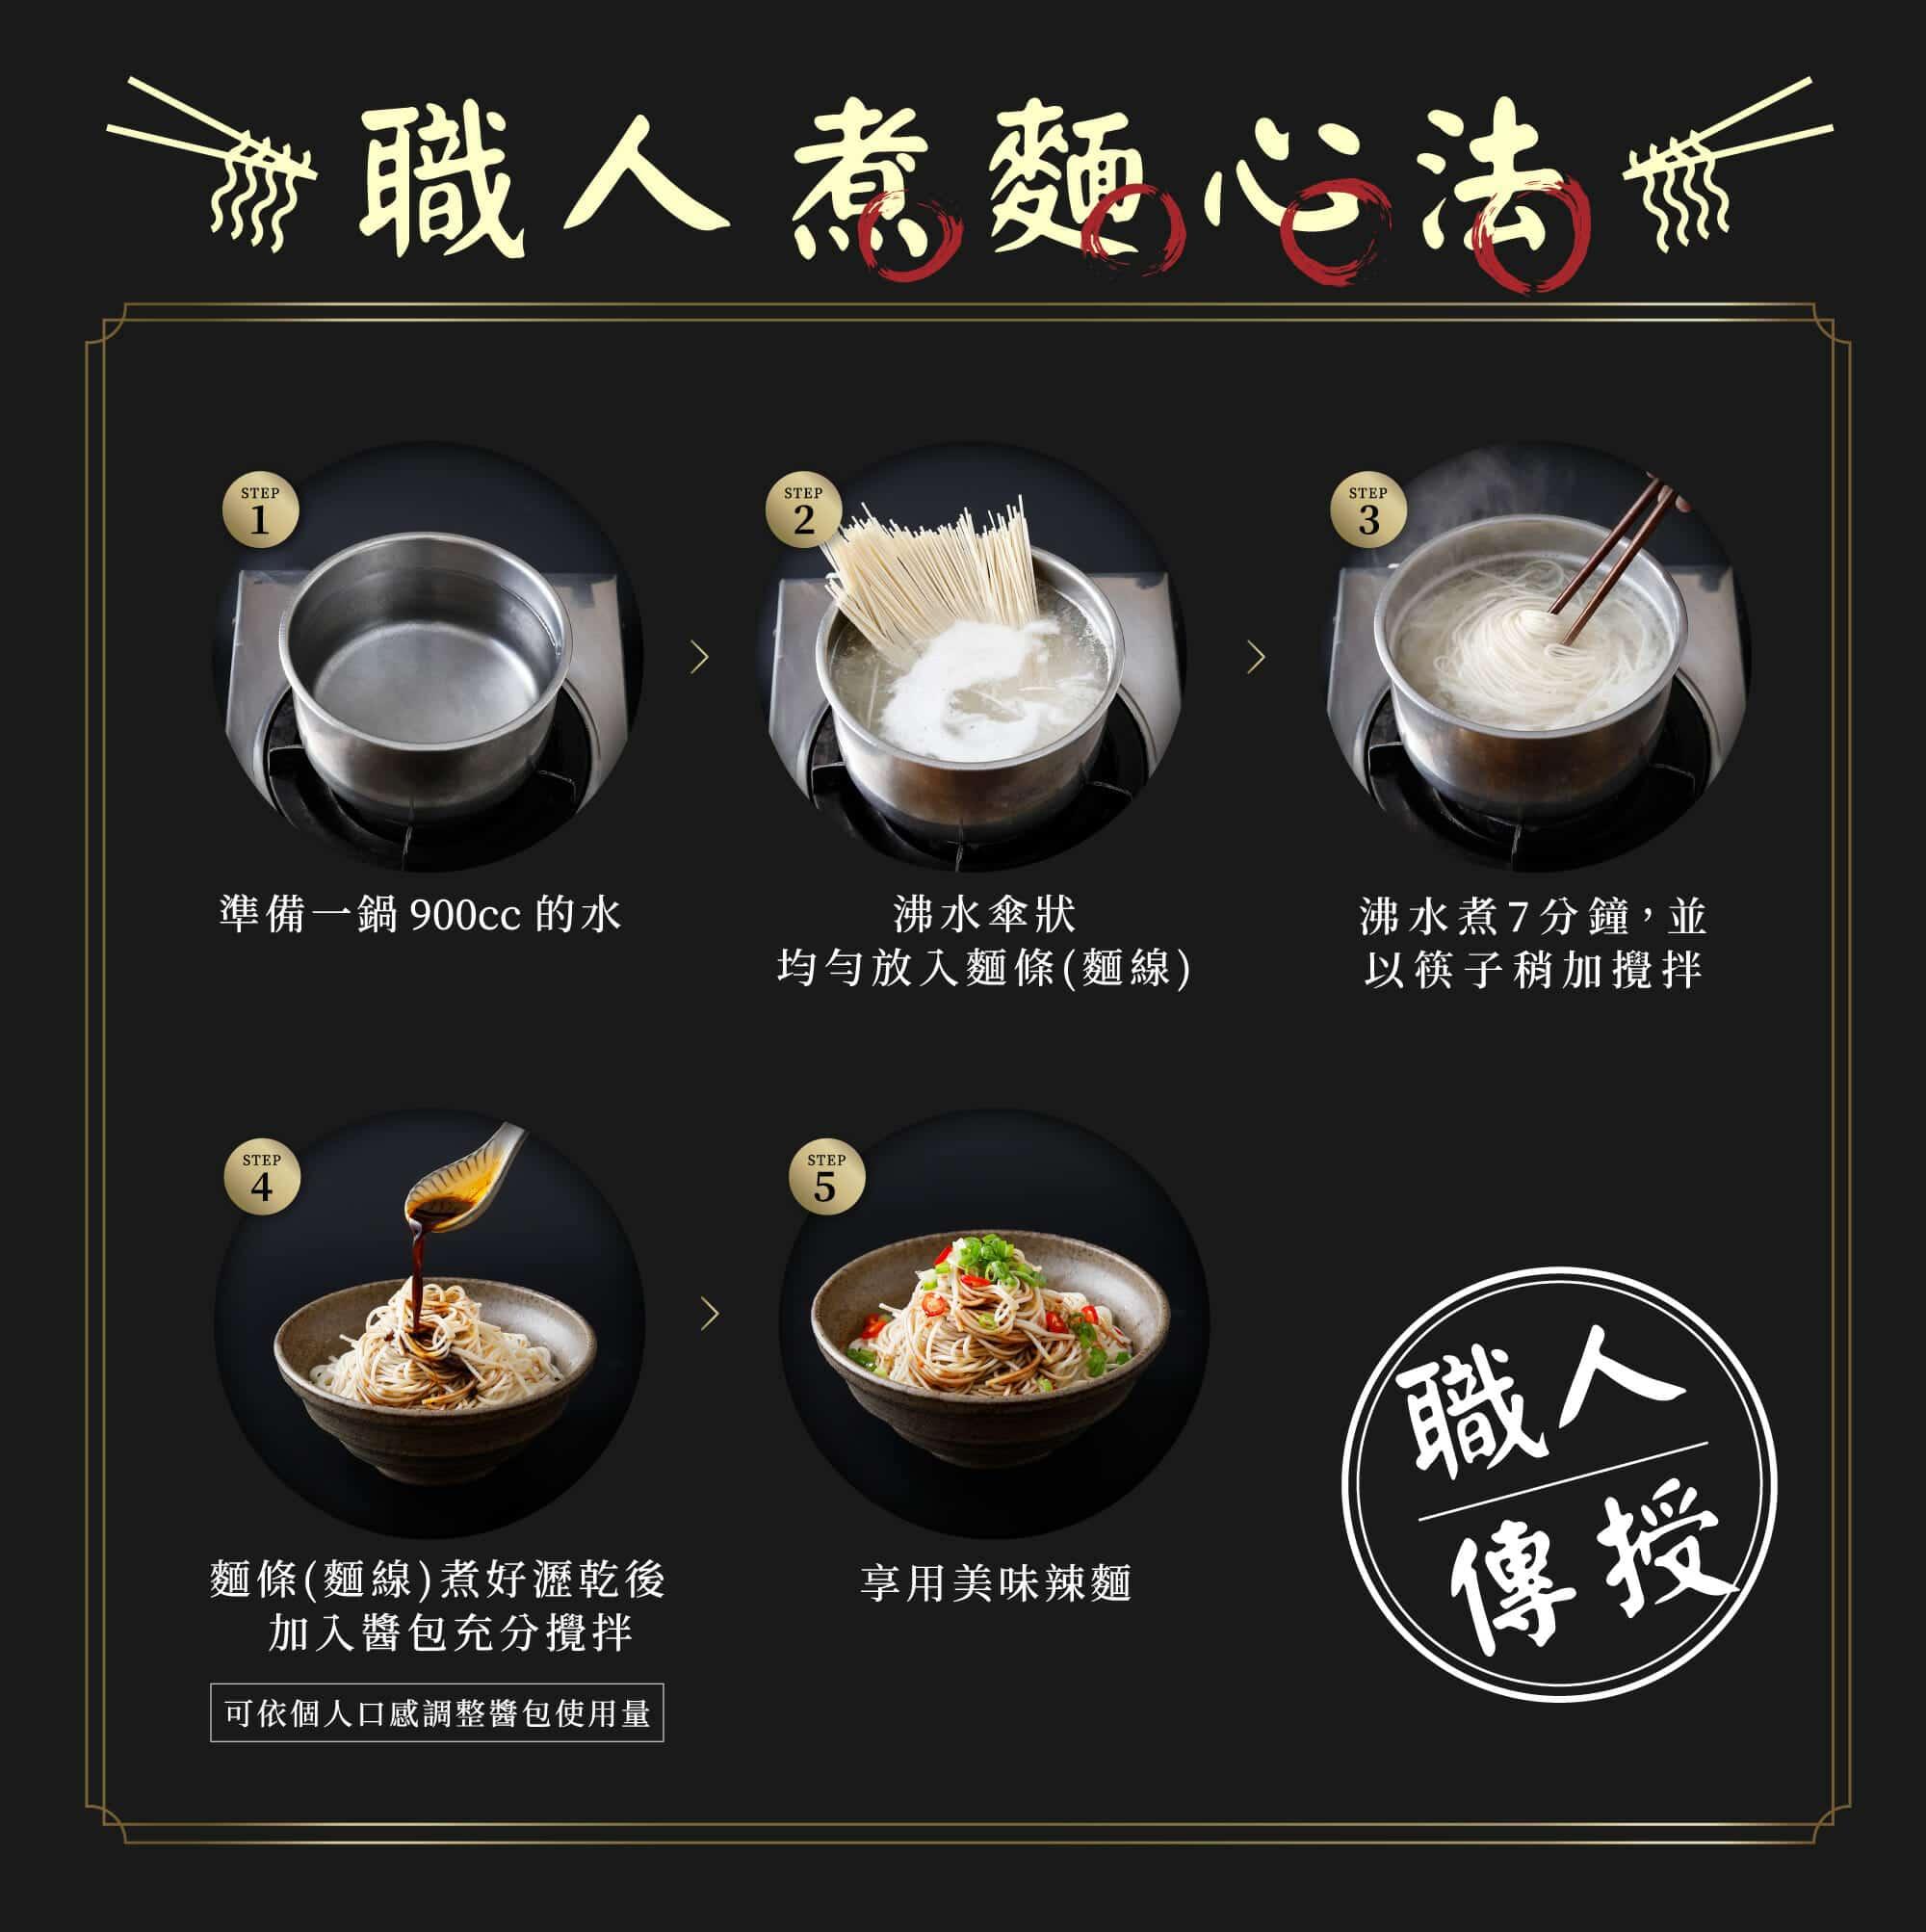 經典椒麻細麵調理方式: 1.將麵條放入滾水煮6-7分鐘(依個人喜好調整)。 2.麵條煮好瀝乾後,加入醬包充分攪拌後即可食用(可依個人口感調整醬包使用量)